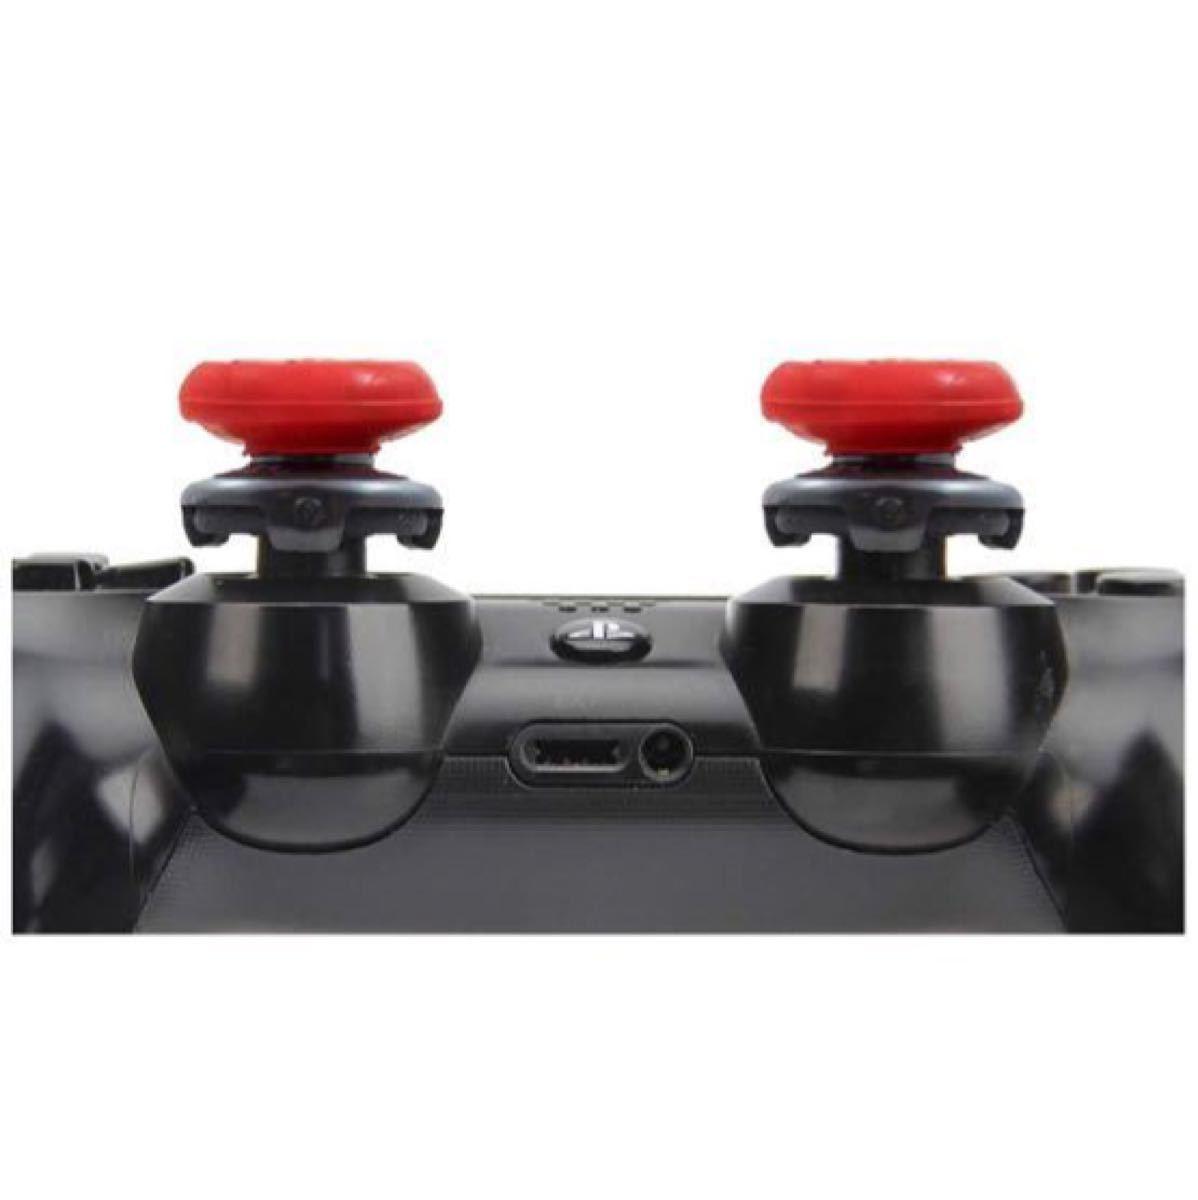 FPSアシストキャップ コントローラー用 アシストキャップ レッド 4本セット